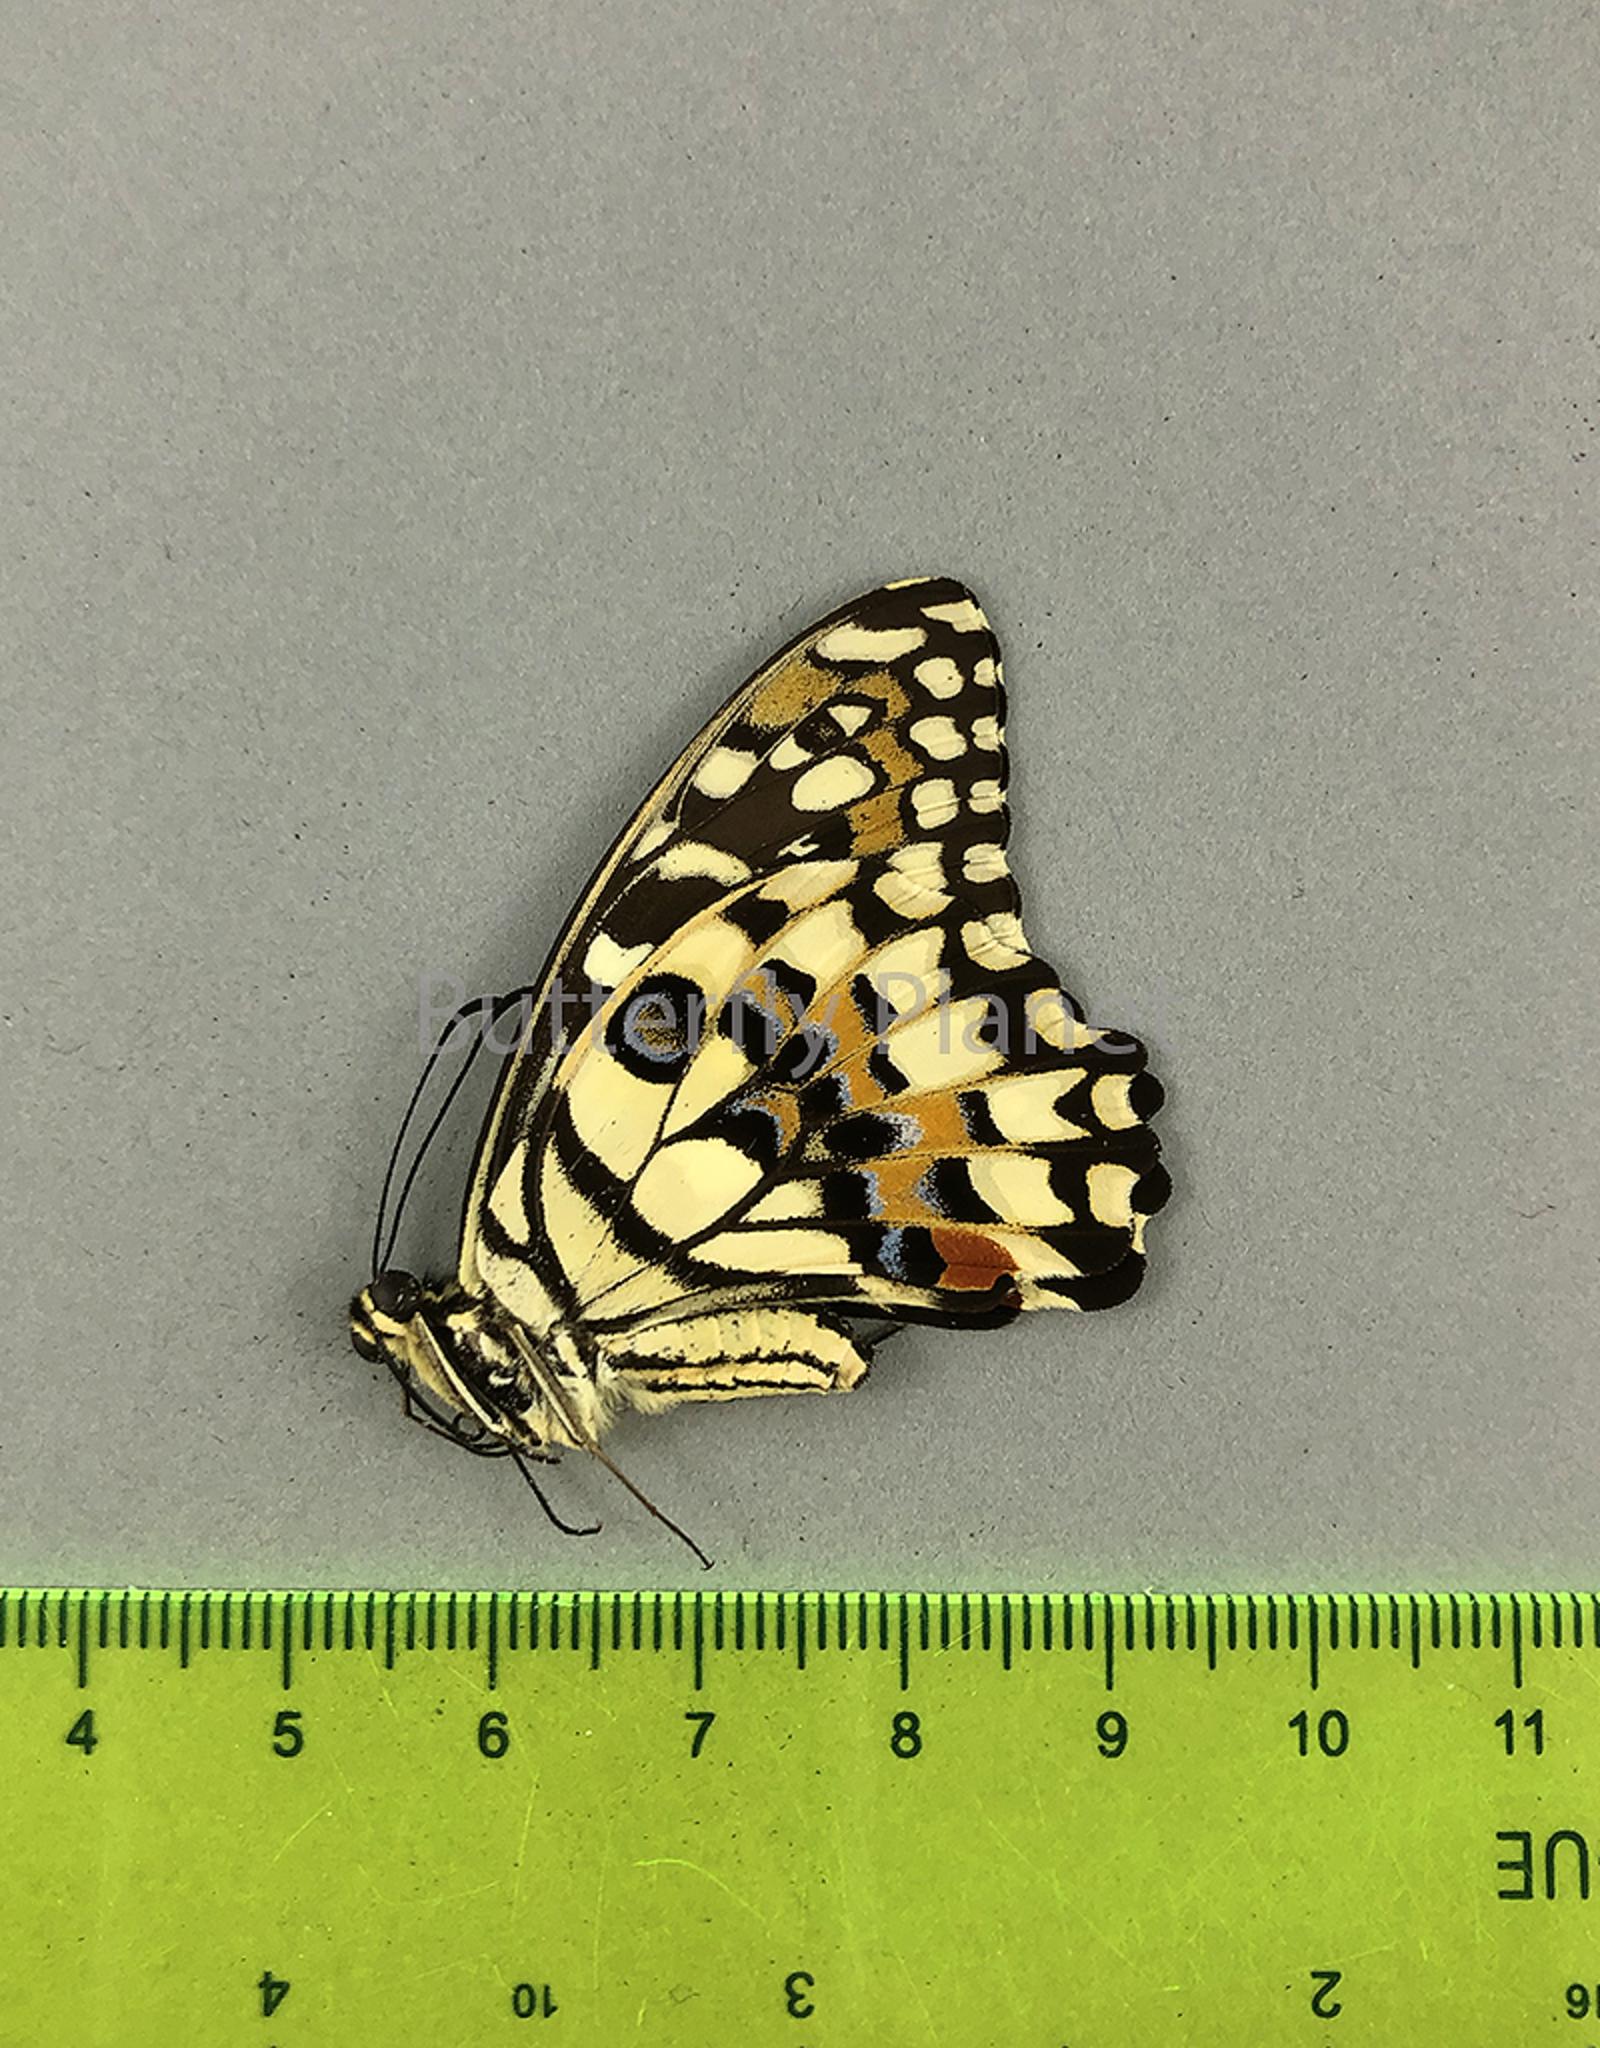 Papilio demoleus libanius M A1 Marinduque, Philippines